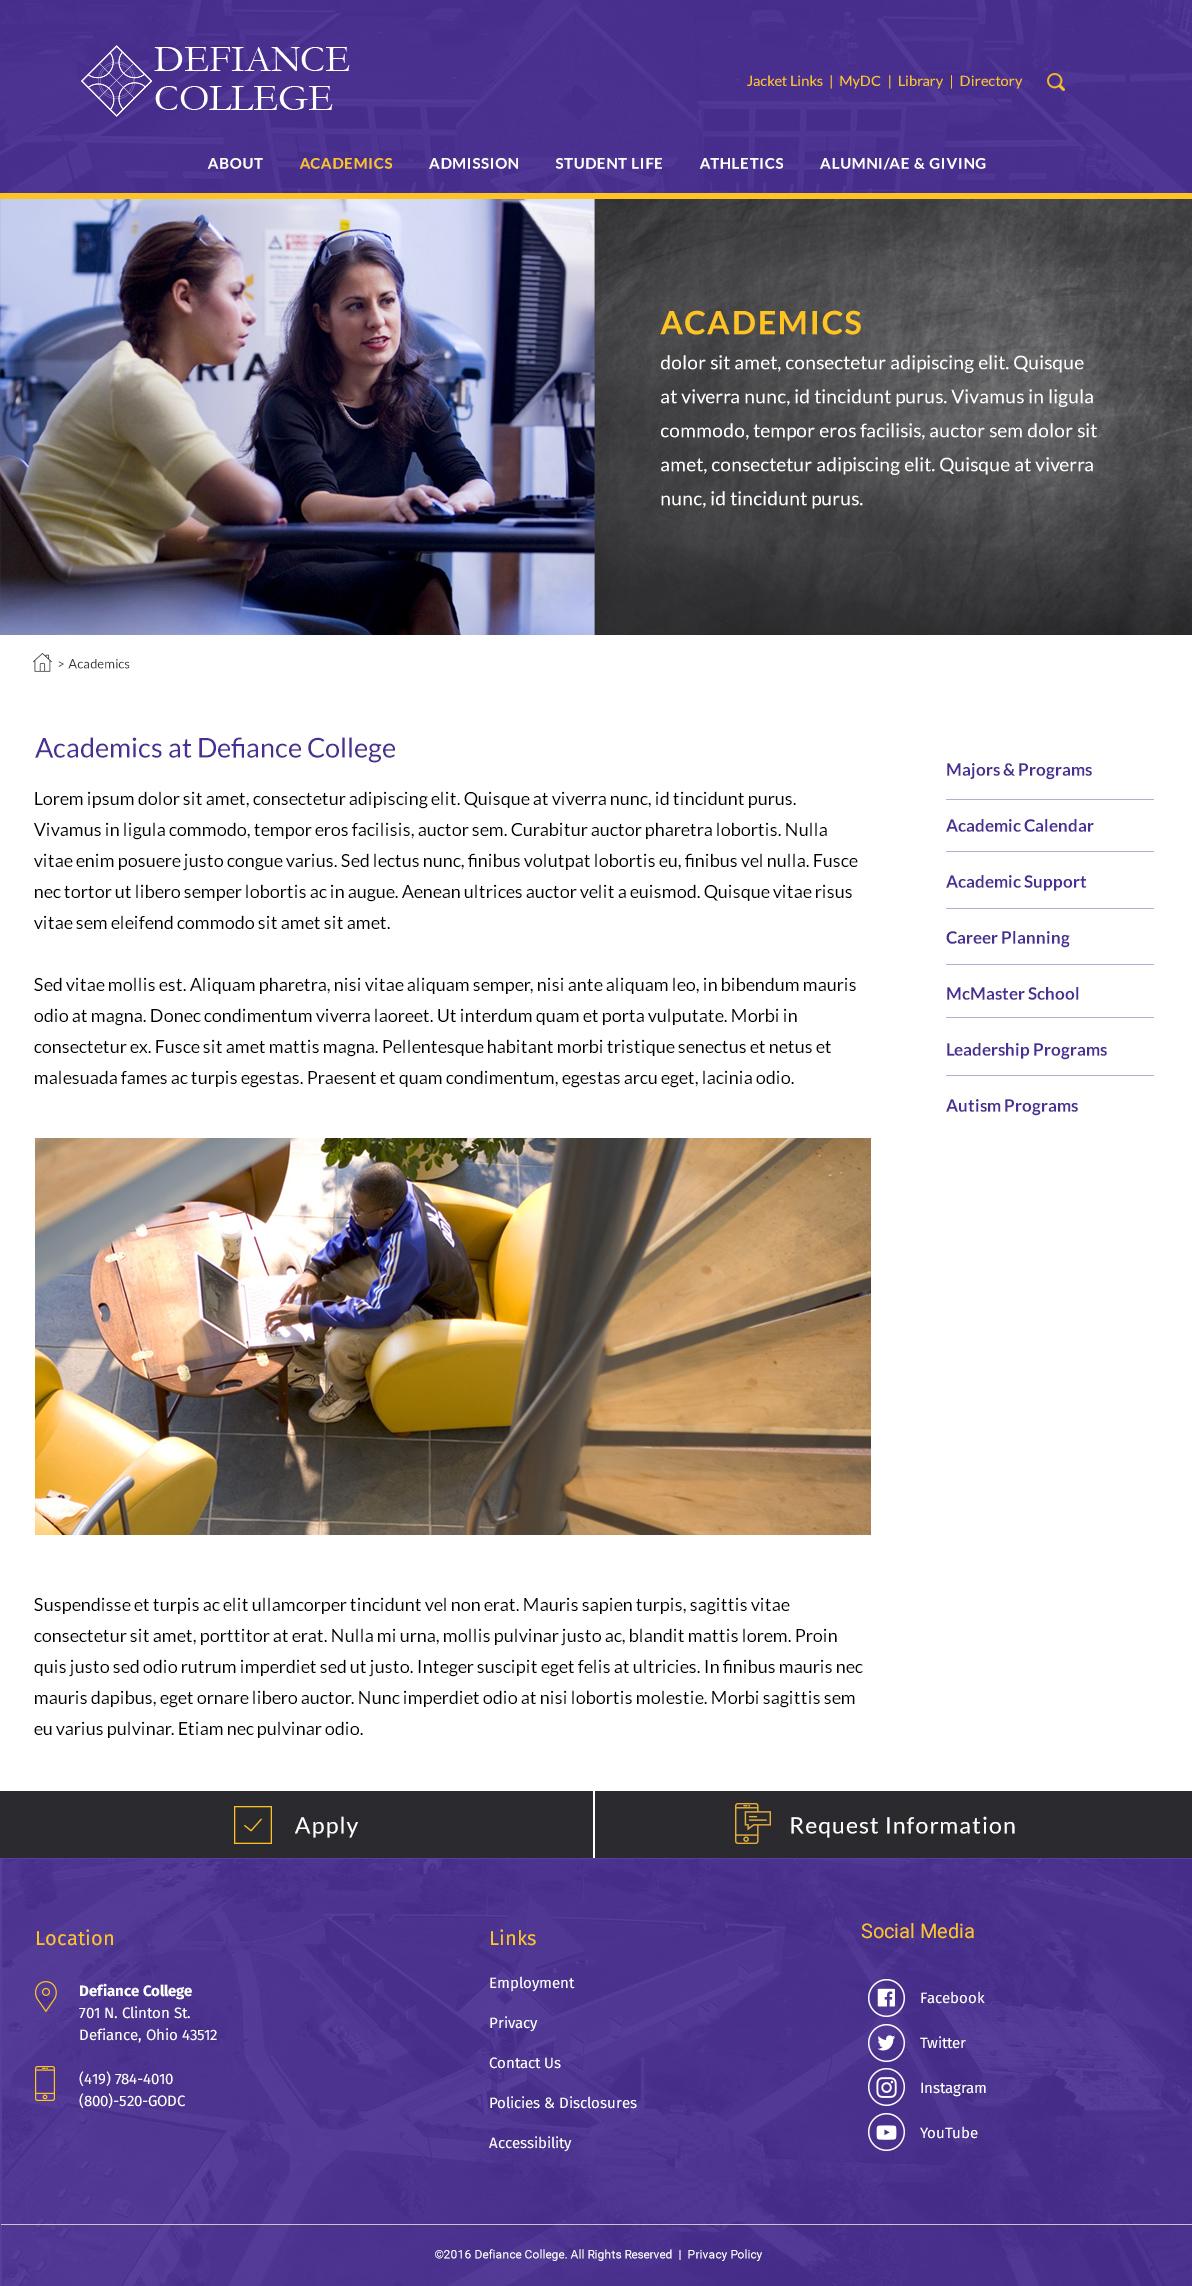 defiancecollege-academics-tier-2-1170-design2a